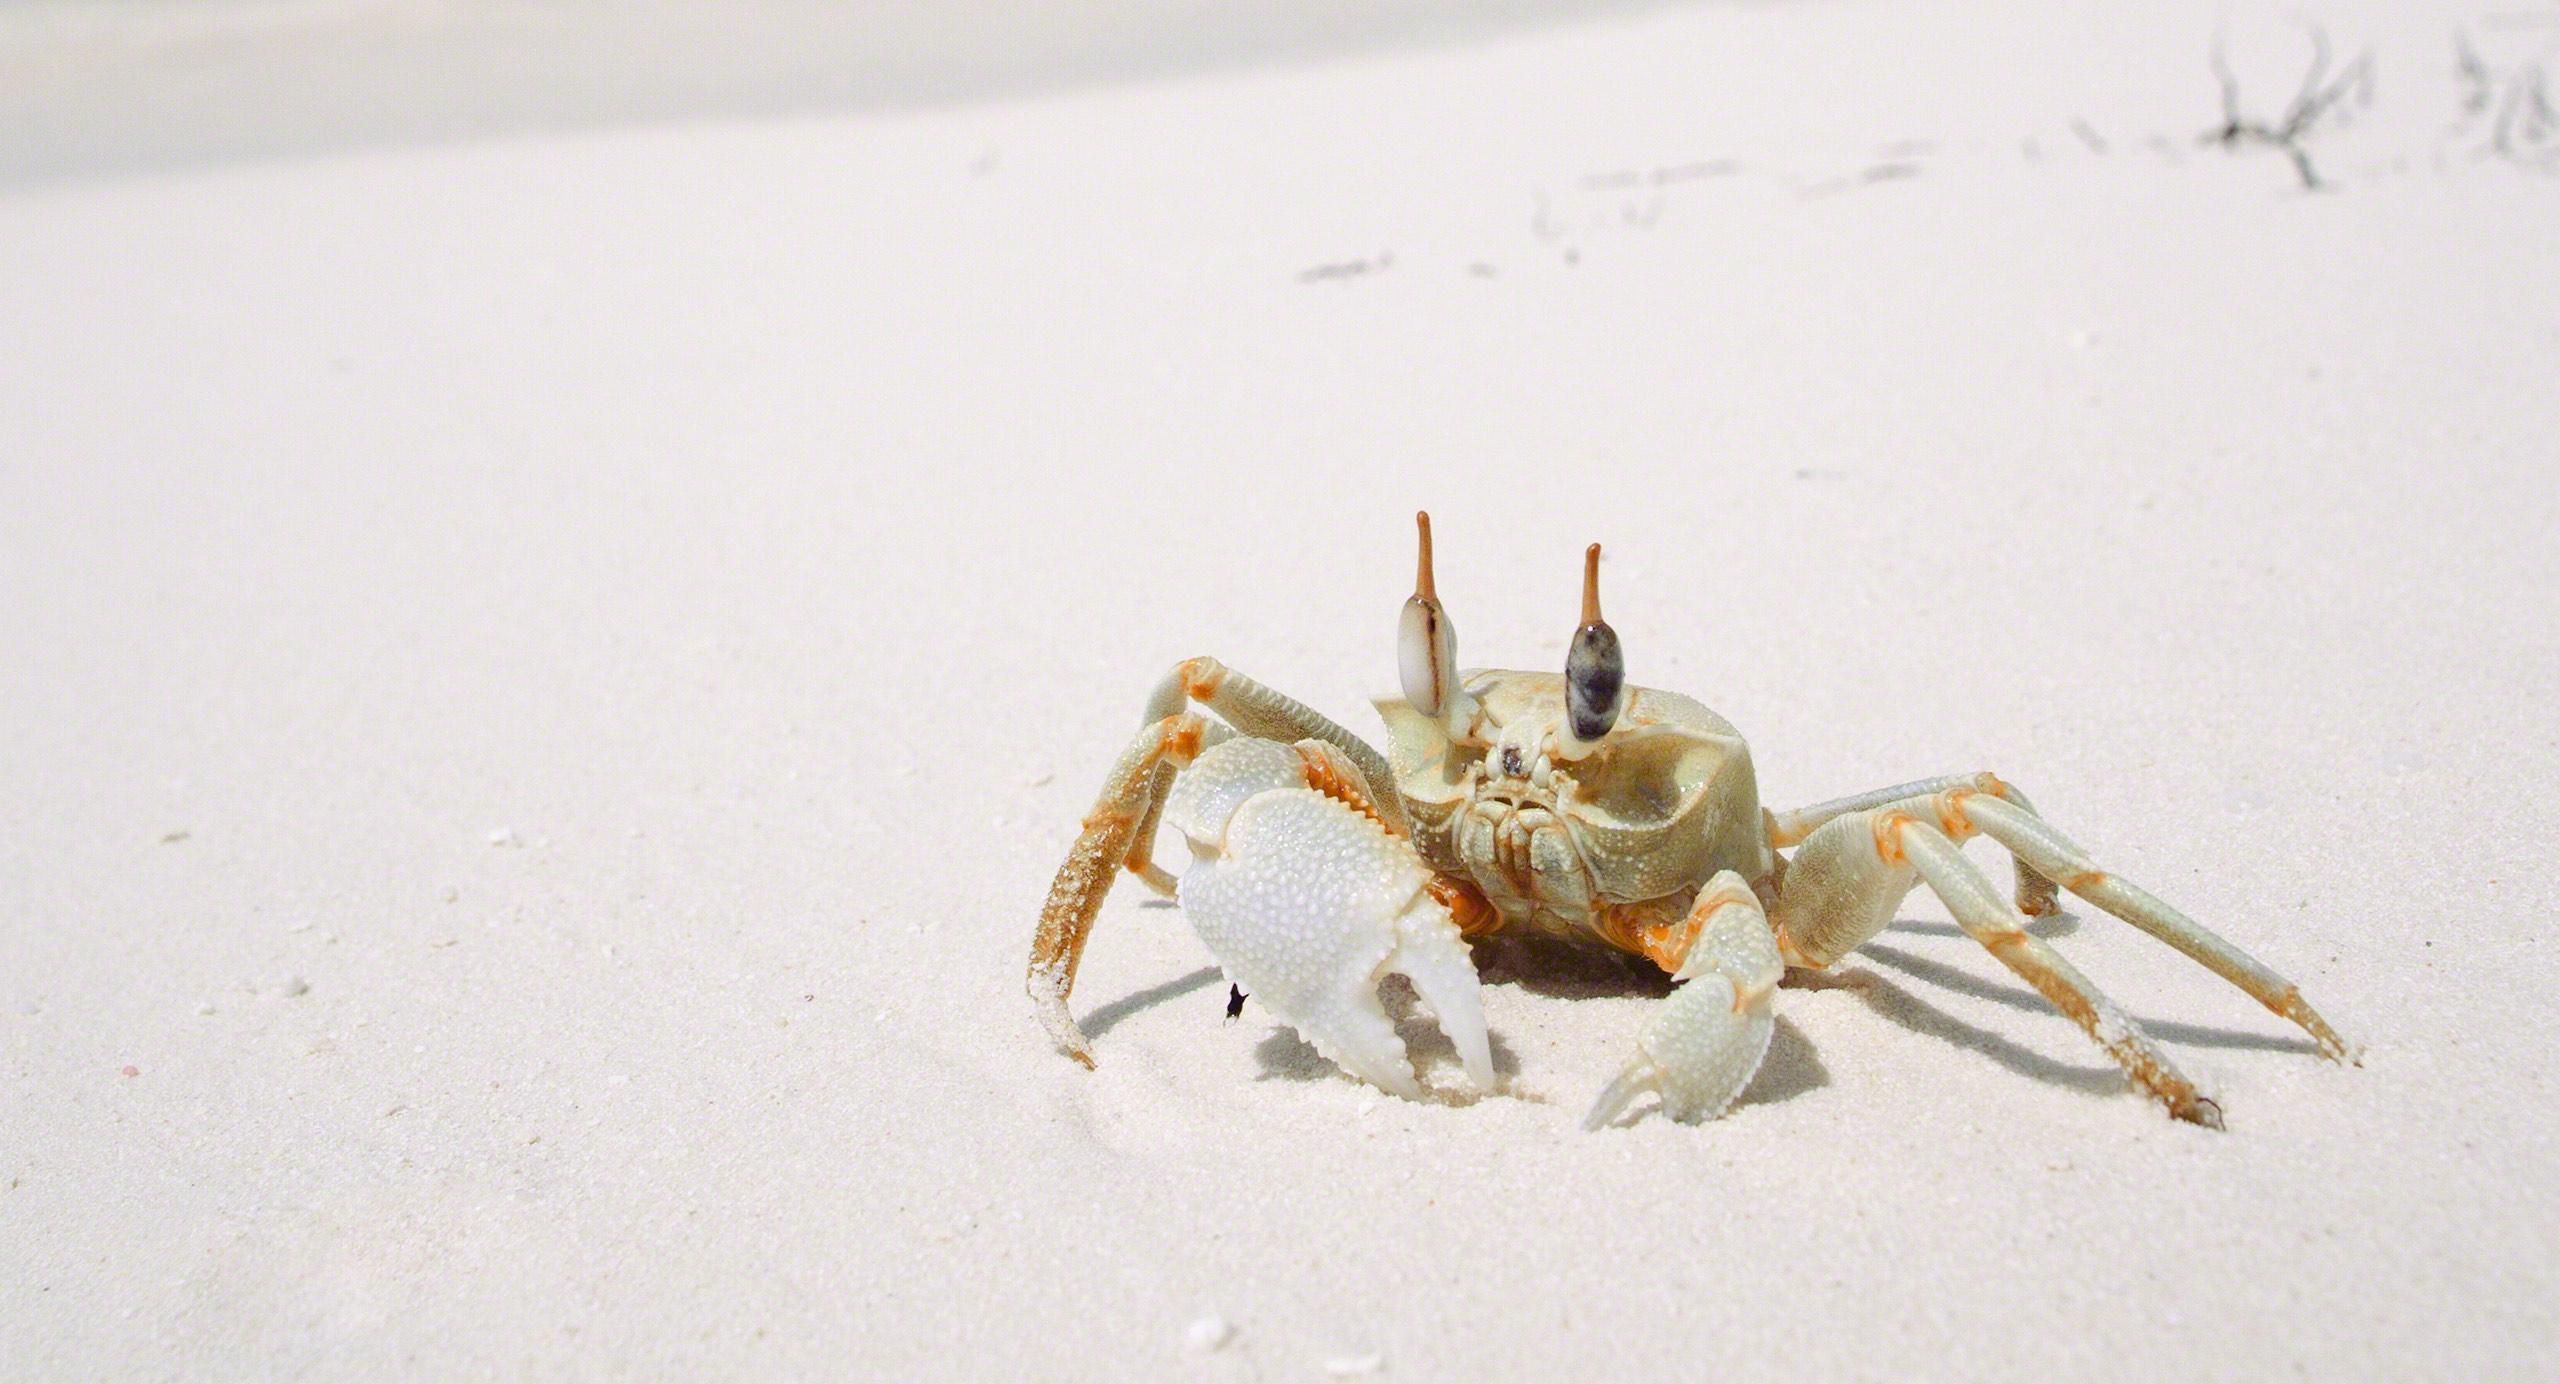 Ja, der Krebs am Strand kann auch kneifen, ganz schön sogar.